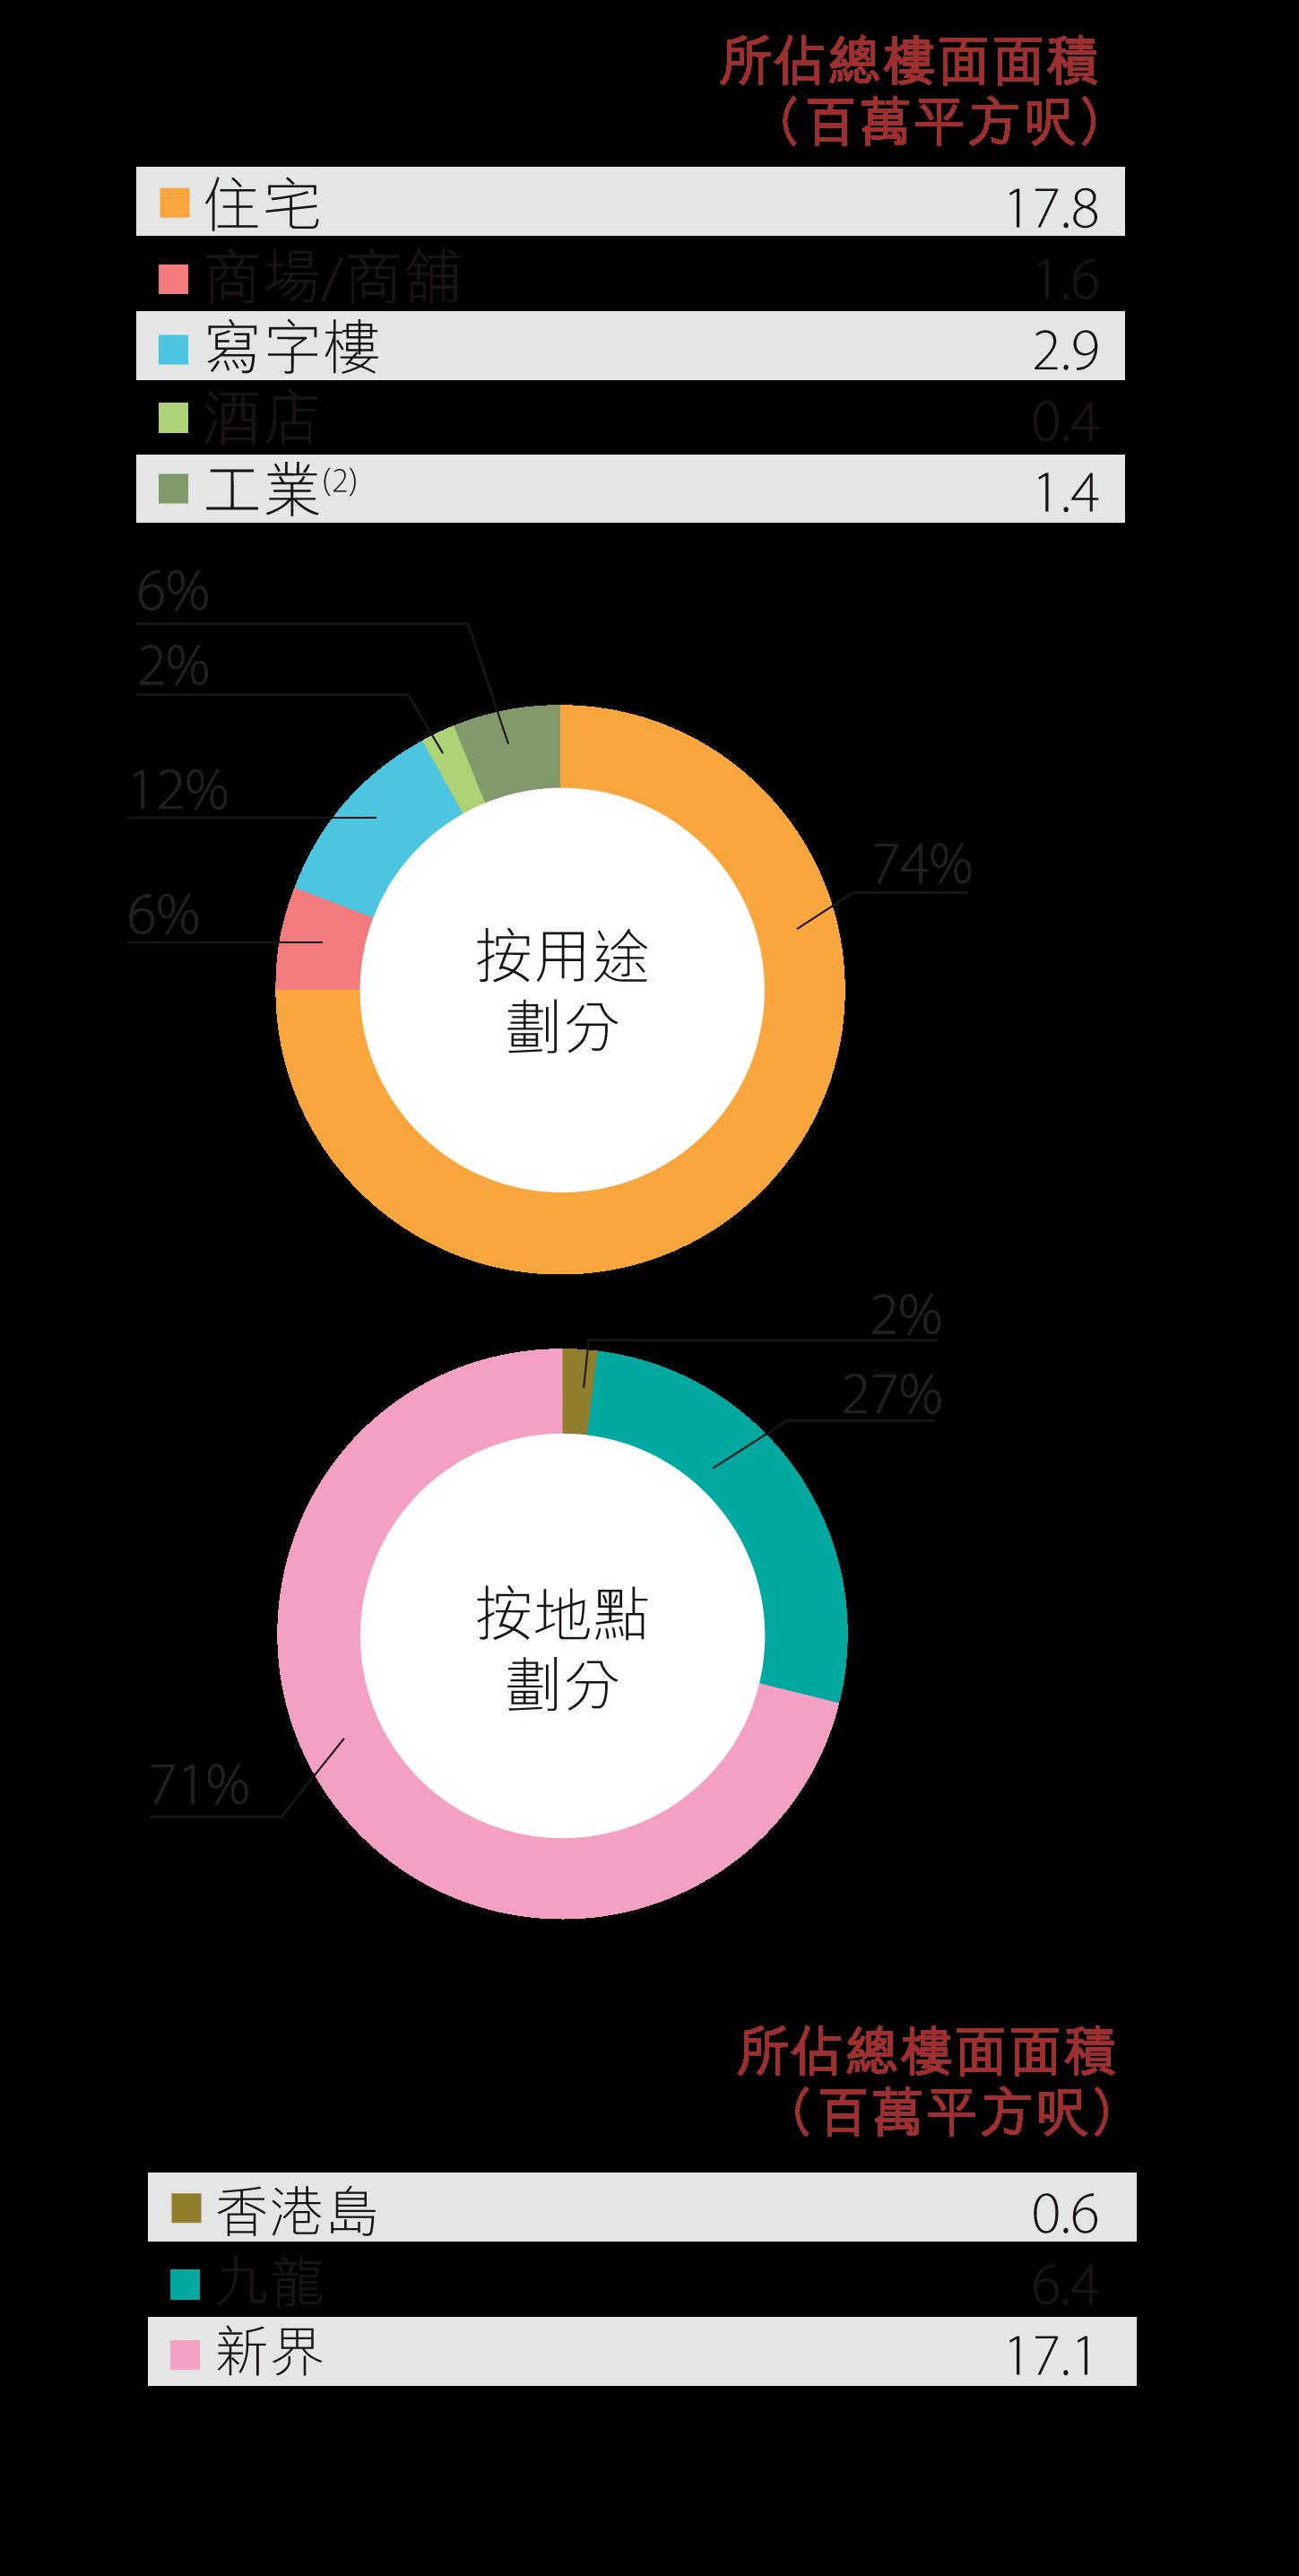 香港土地儲備 - 發展中物業